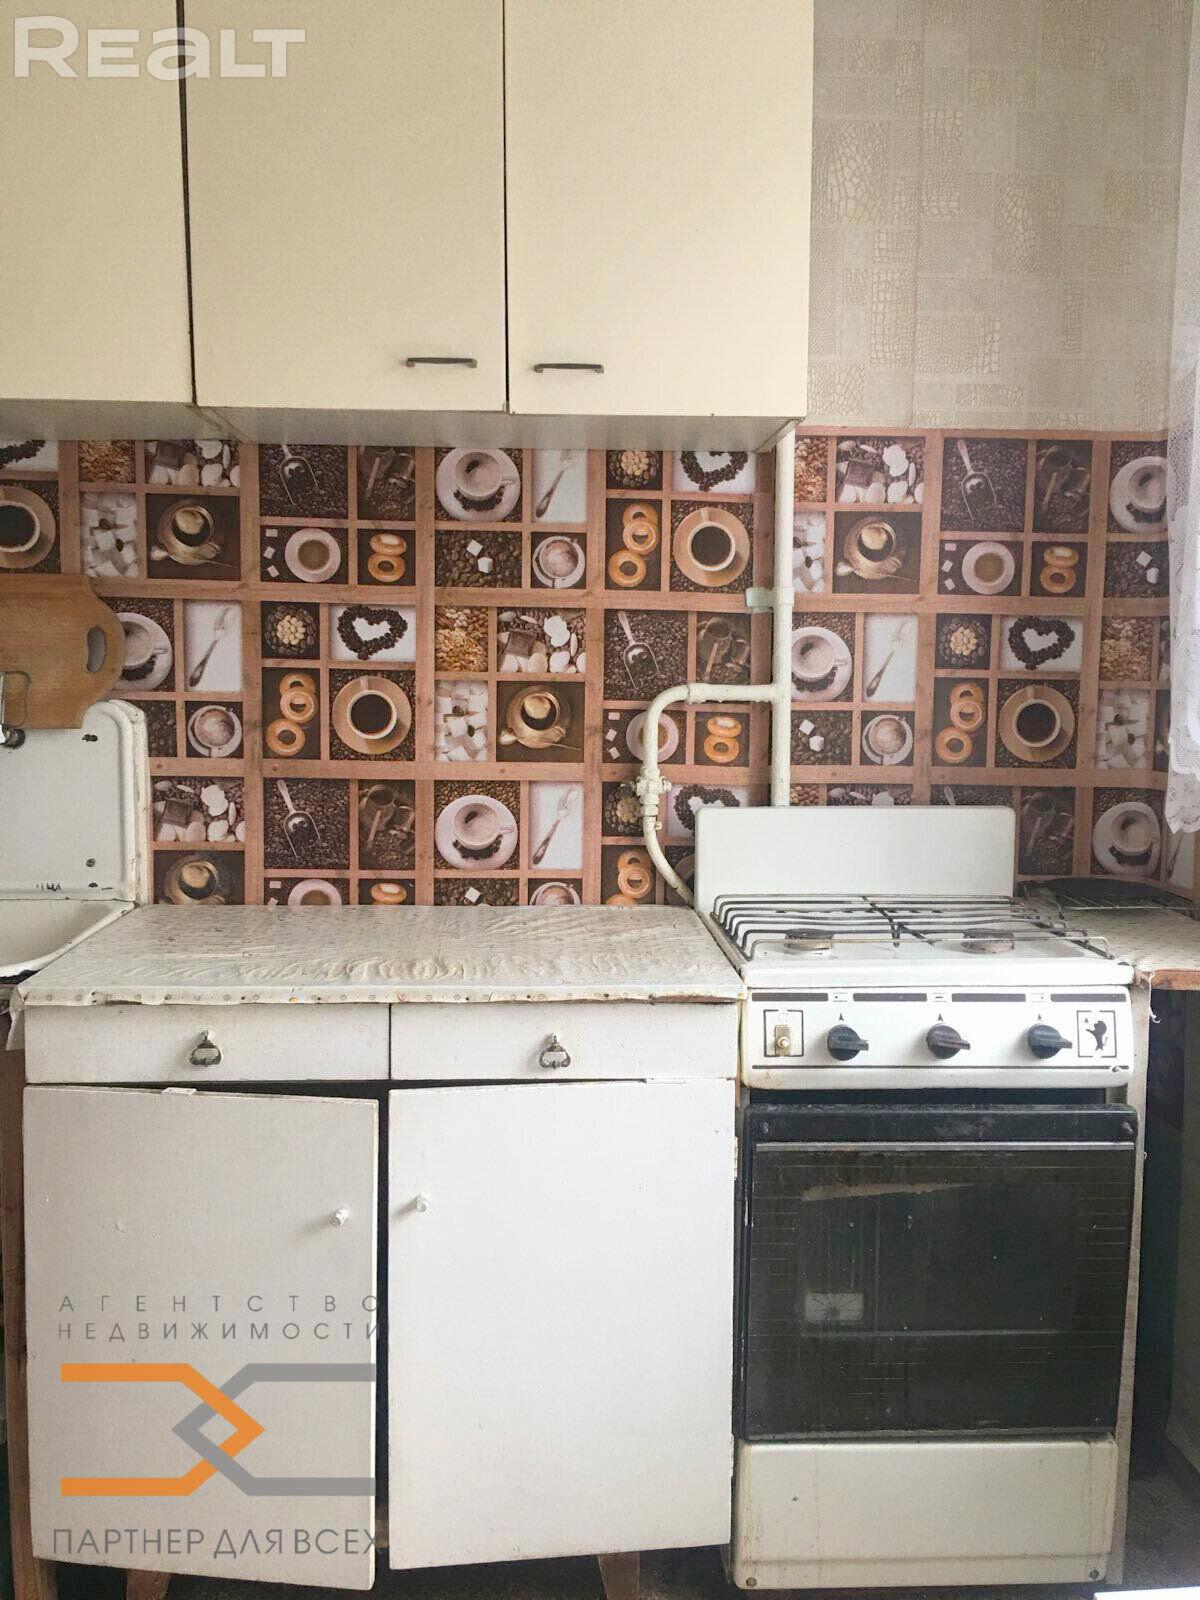 Продается 1 комнатная квартира, Слуцк - фото №3